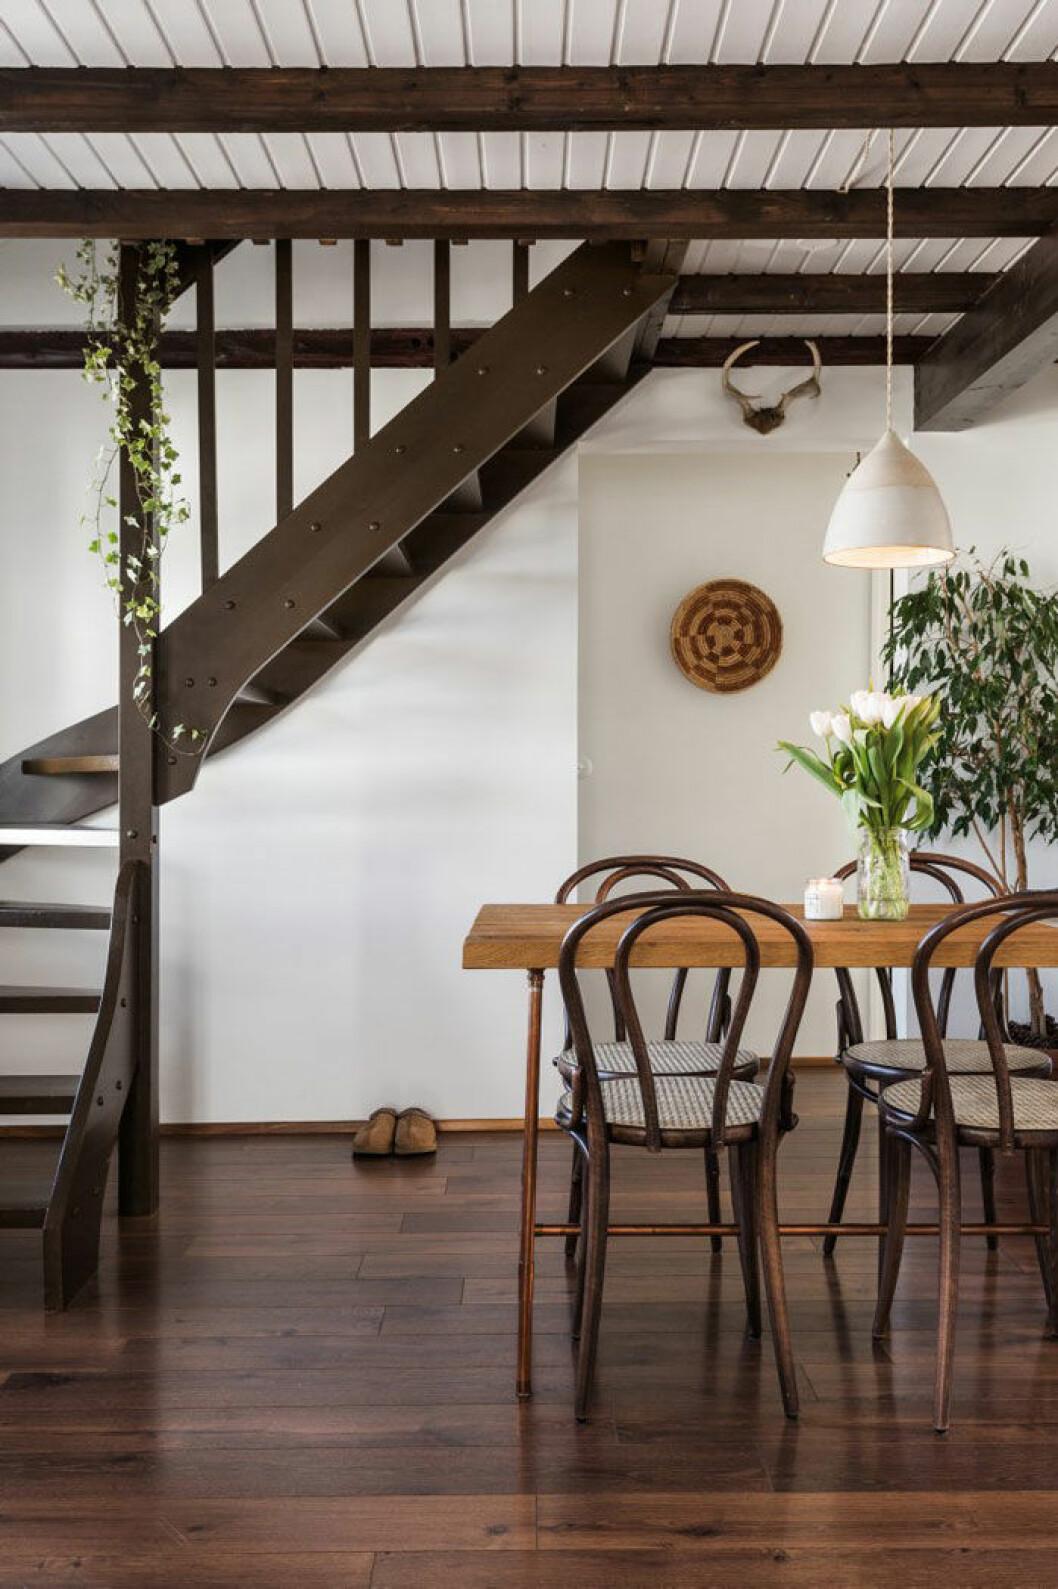 Matbordet till höger har Anthony gjort själv, för Reykjavík Trading Co, av materialkombinationen koppar och ek. Huset byggdes 1884 och var det första att uppföras på den gatan. Ýr och Anthony har lyckats bevara atmosfären.